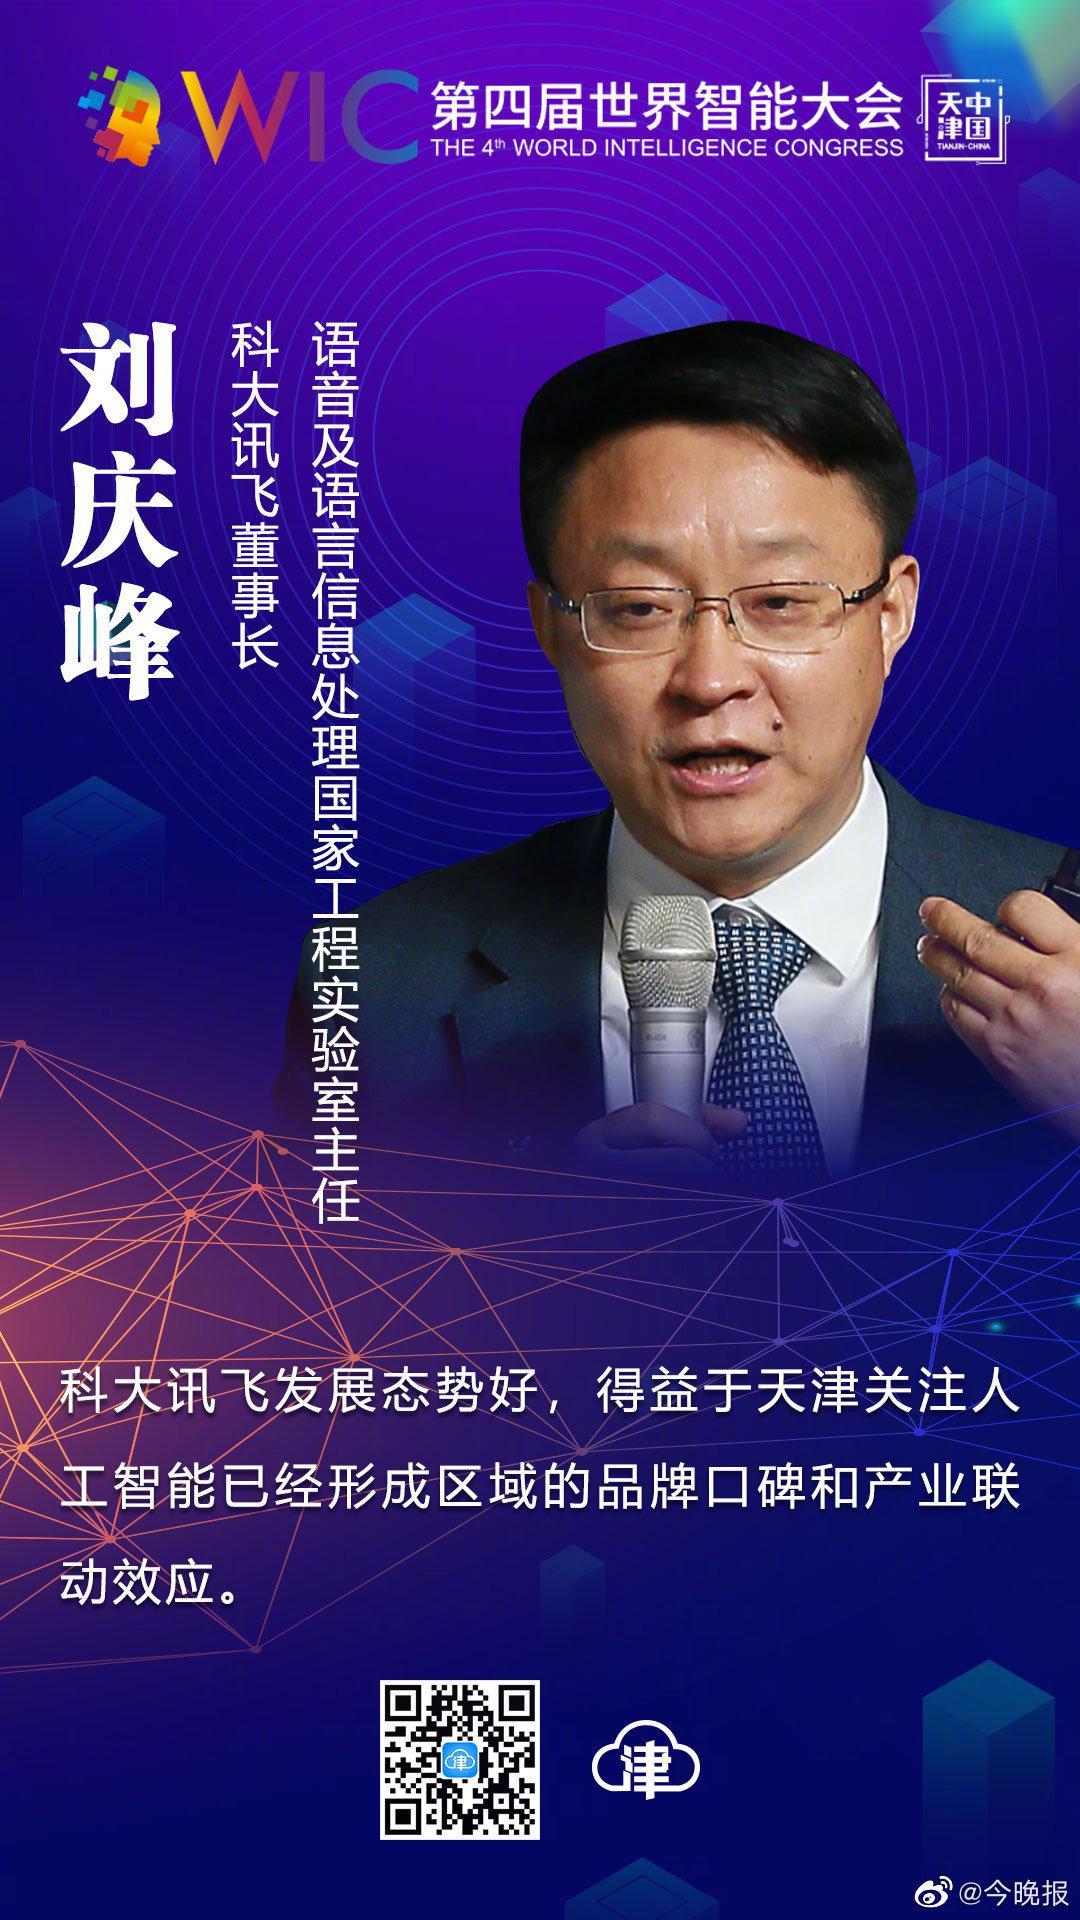 科大讯飞董事长、语音及语言信息处理国家工程实验室主任刘庆峰